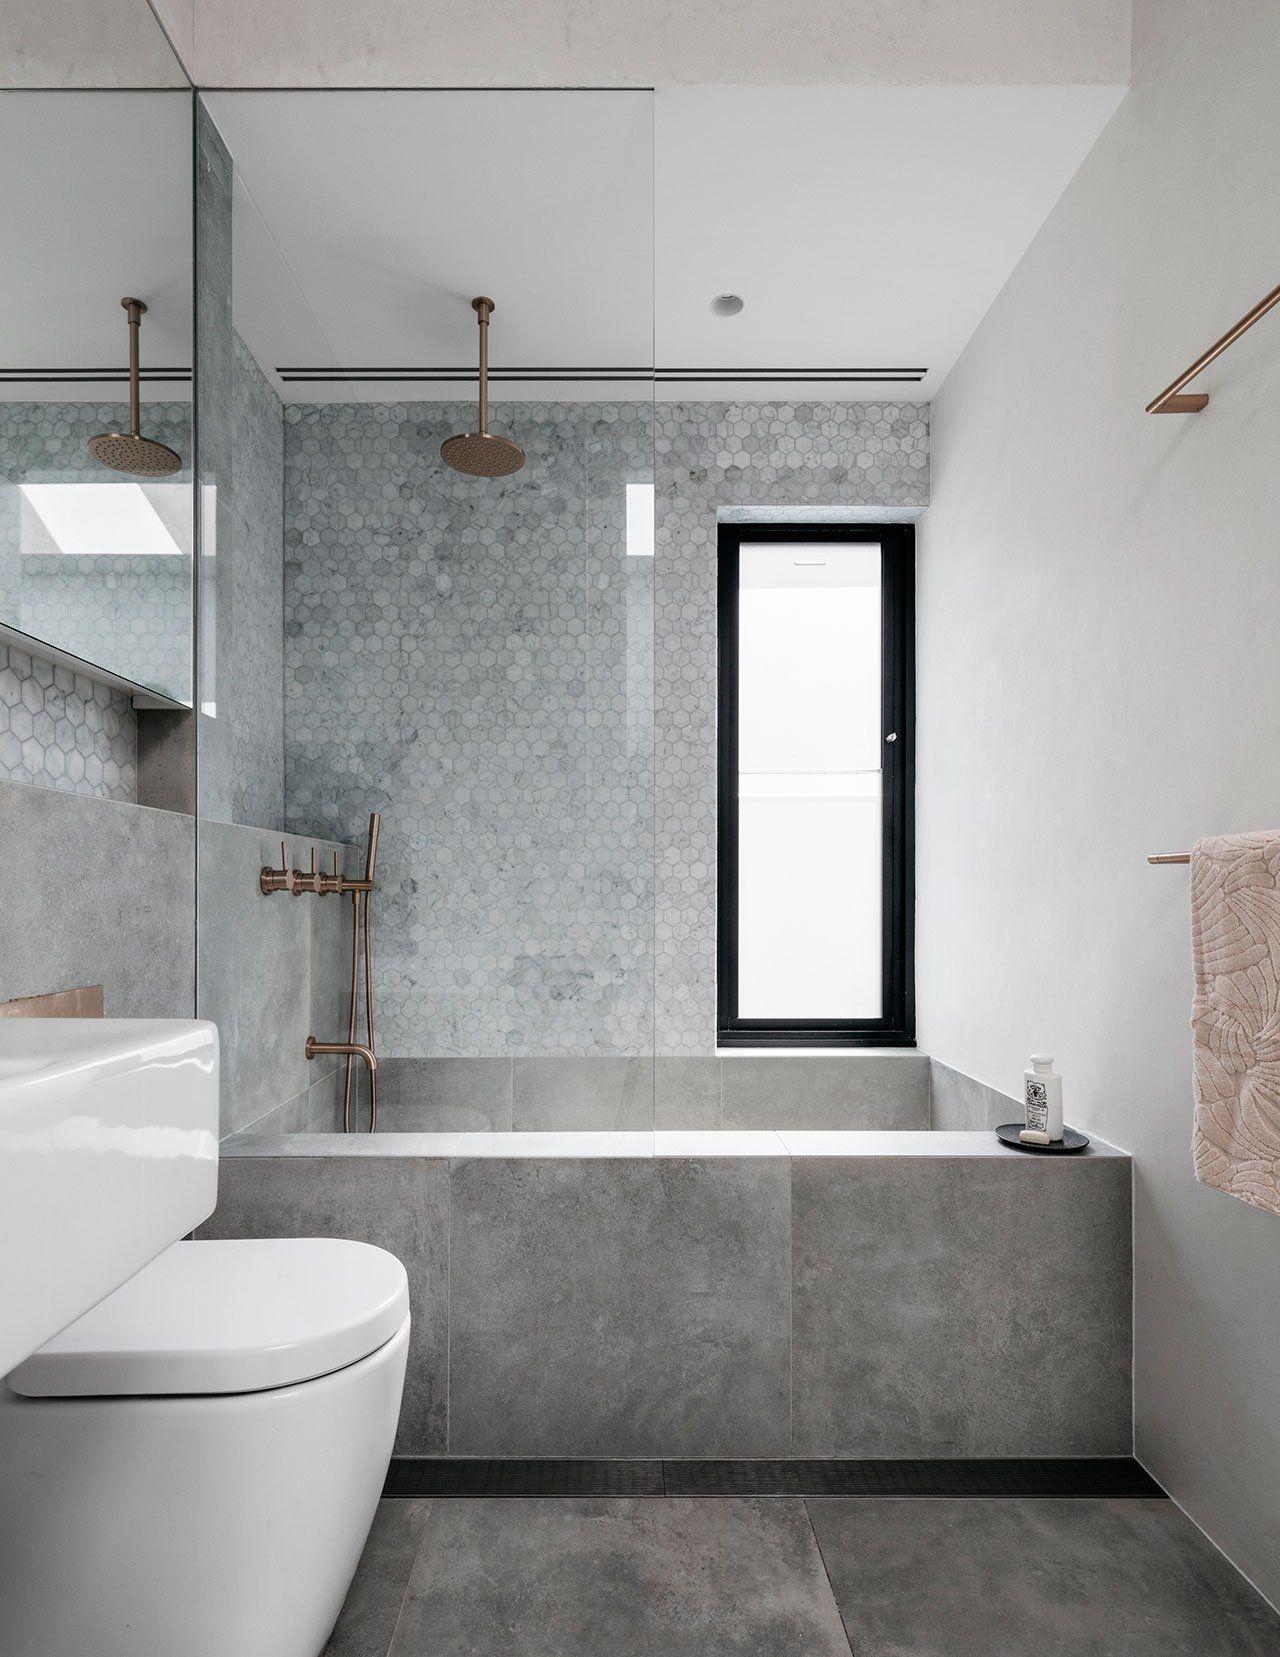 Uberlegen Dieses Schöne Kleine Badezimmer Wurde Mit Viel Liebe Zum Detail Gestaltet  #BetonoptikFliesen